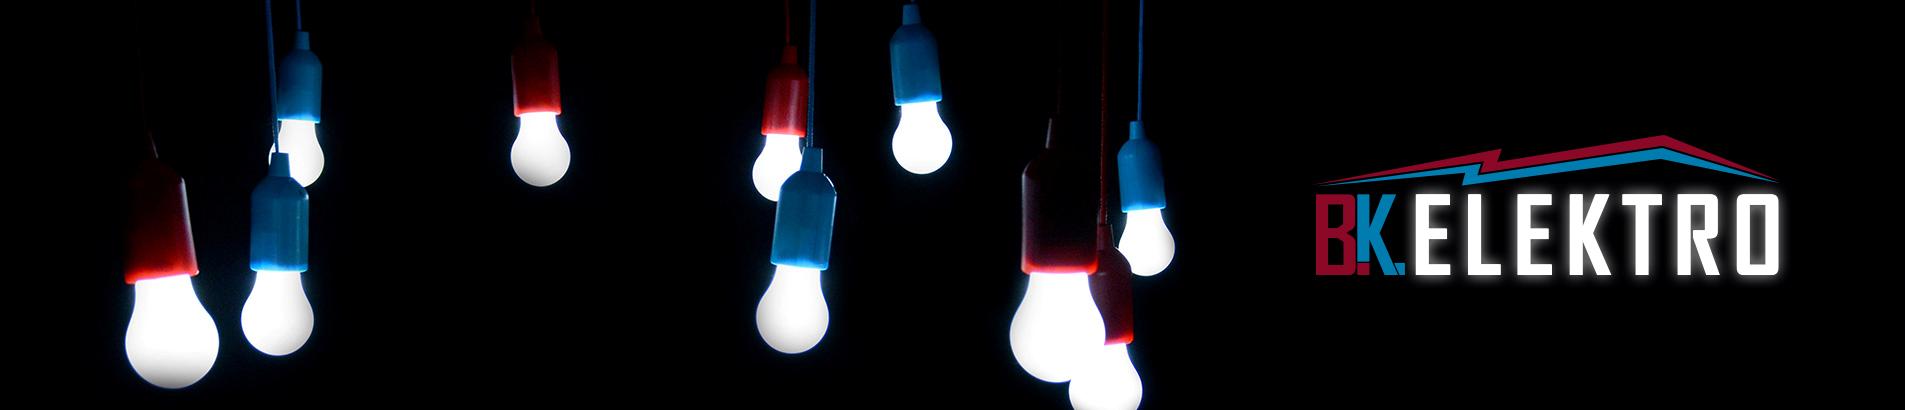 Leuchtmittel mit roten und blauen Fassungen hängen von der Decke mit Firmenlogo.